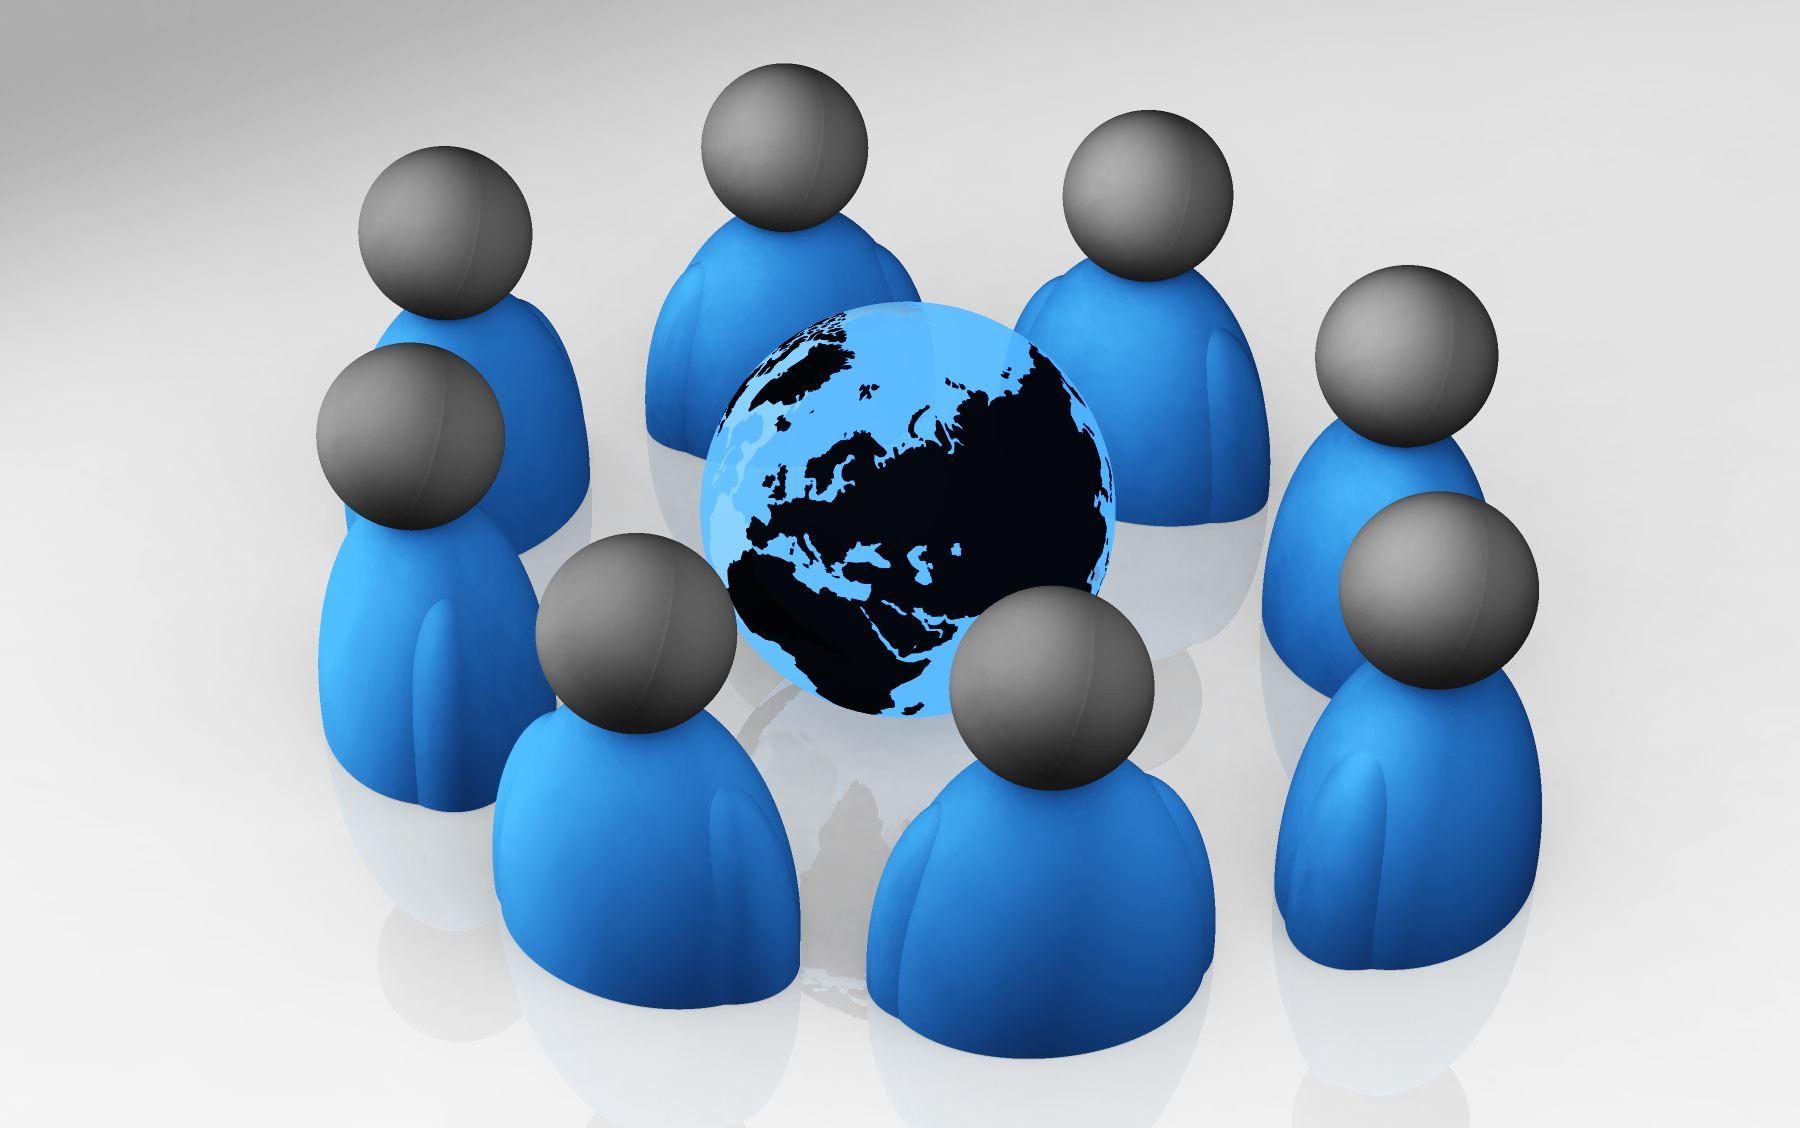 会議通話~ビジネスフォン・PBXの多機能電話機を利用して最大32台程度まで同時通話ができる~